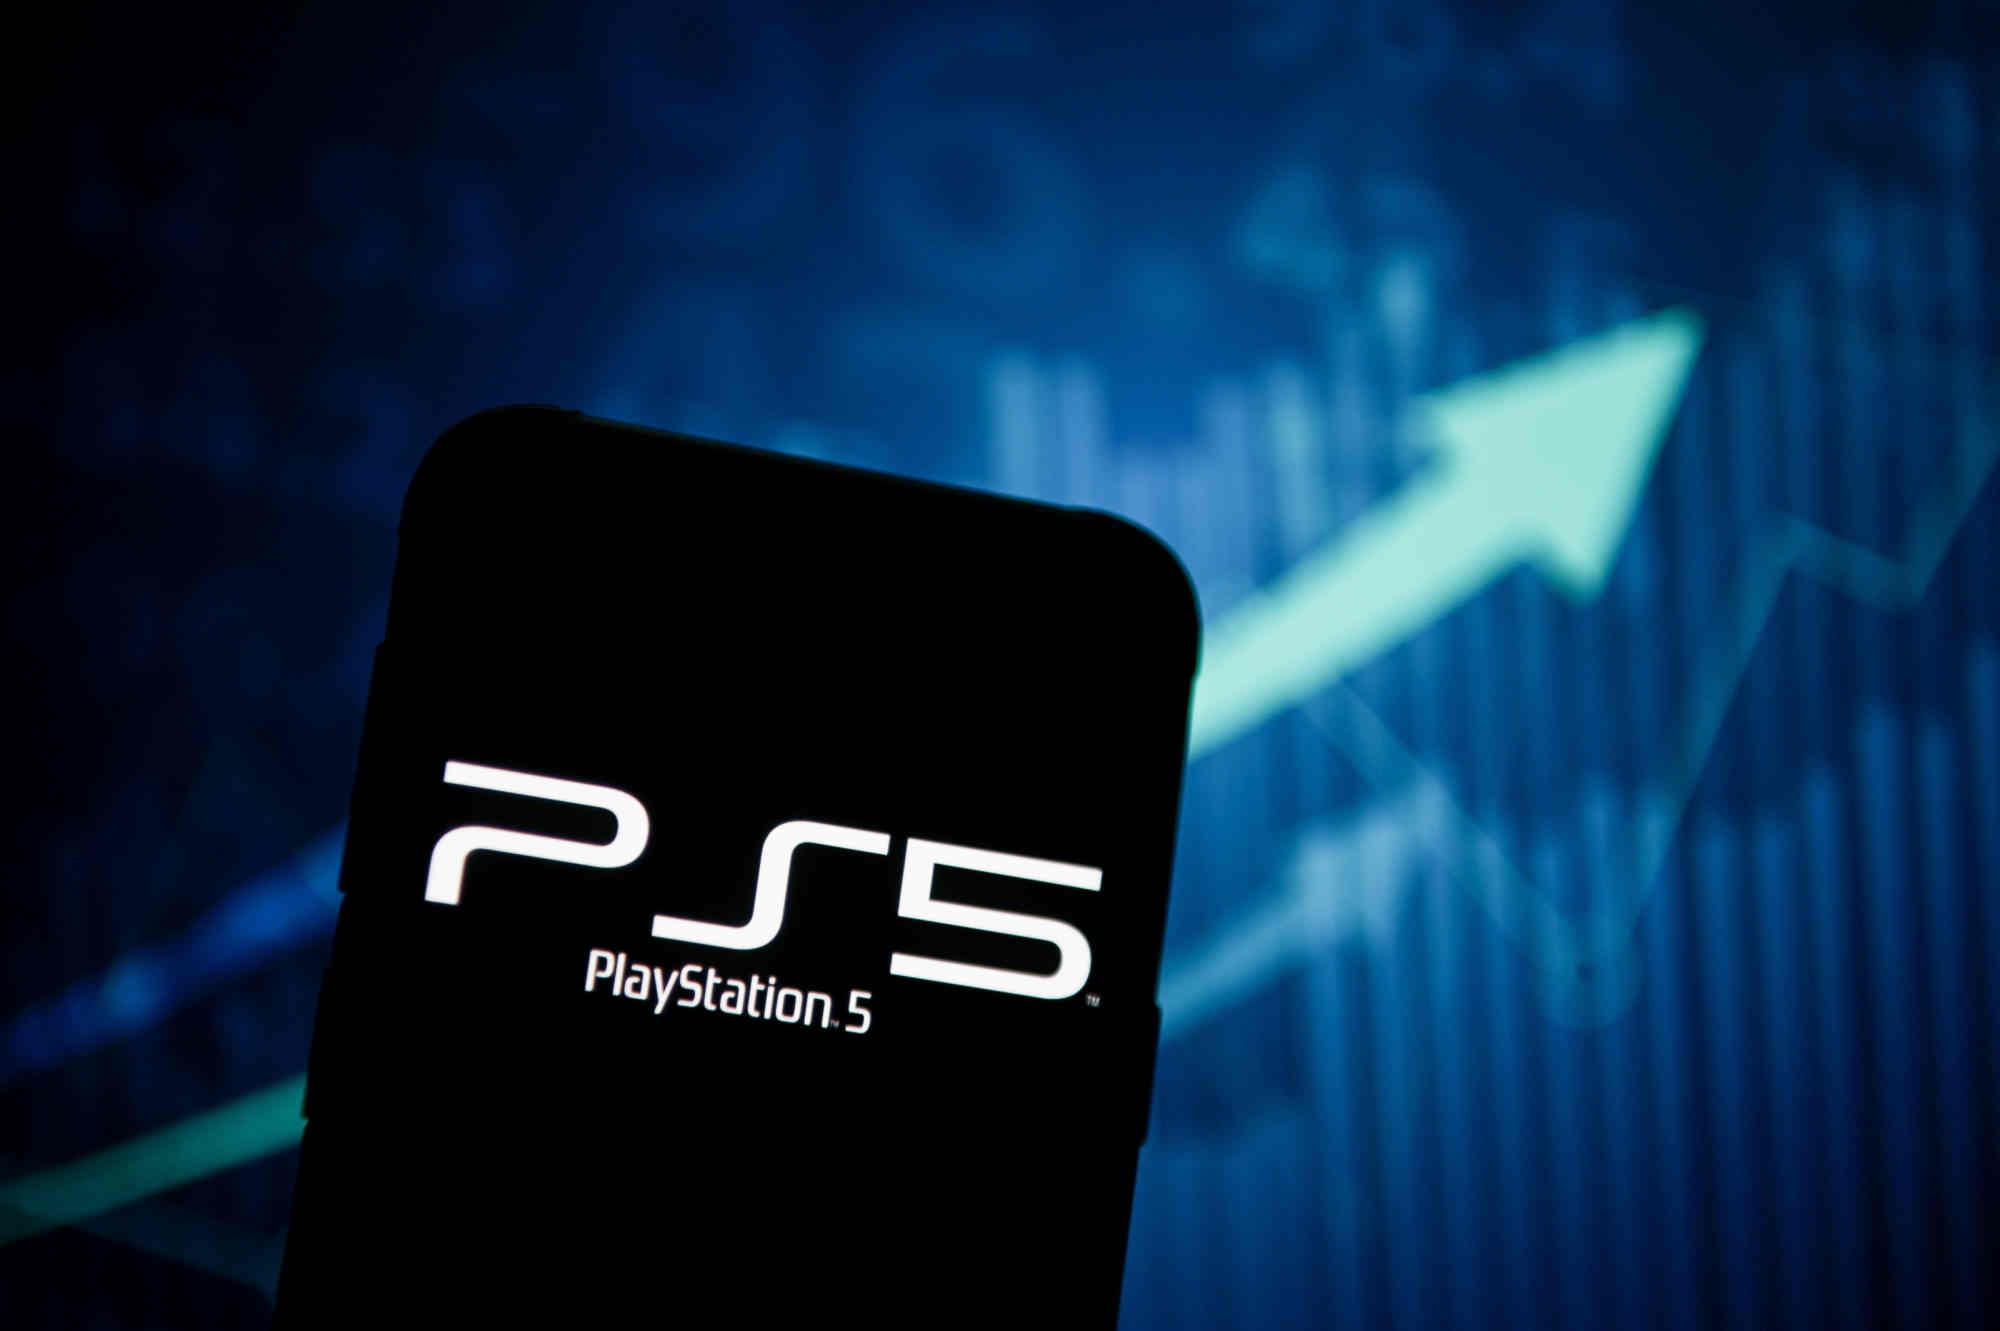 Đại dịch giúp Sony bội thu, lãi gấp đôi năm ngoái, dự báo lợi nhuận cả năm 6,7 tỷ USD